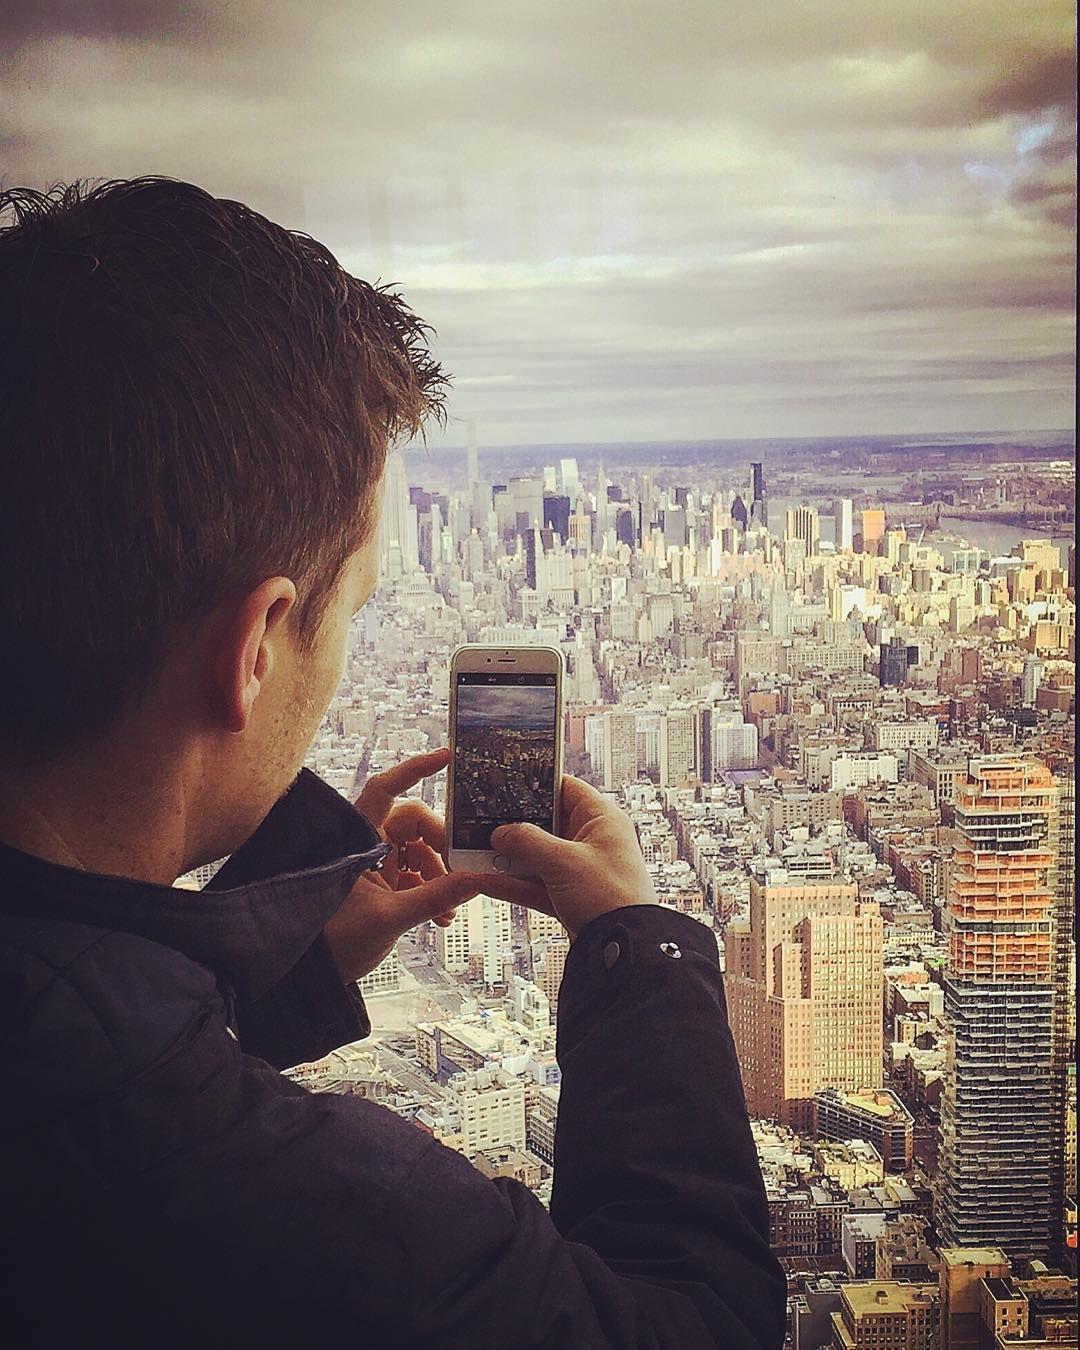 Aussicht par excellence!  #newyork spektakulär erleben von der neu eröffneten Aussichtsplattform #oneworldobservatory  des #oneworldtradecenter  #seeforever Dank der neuen @columbia1938 Jacke geht's auch immer schön warm durch die Weltstadt